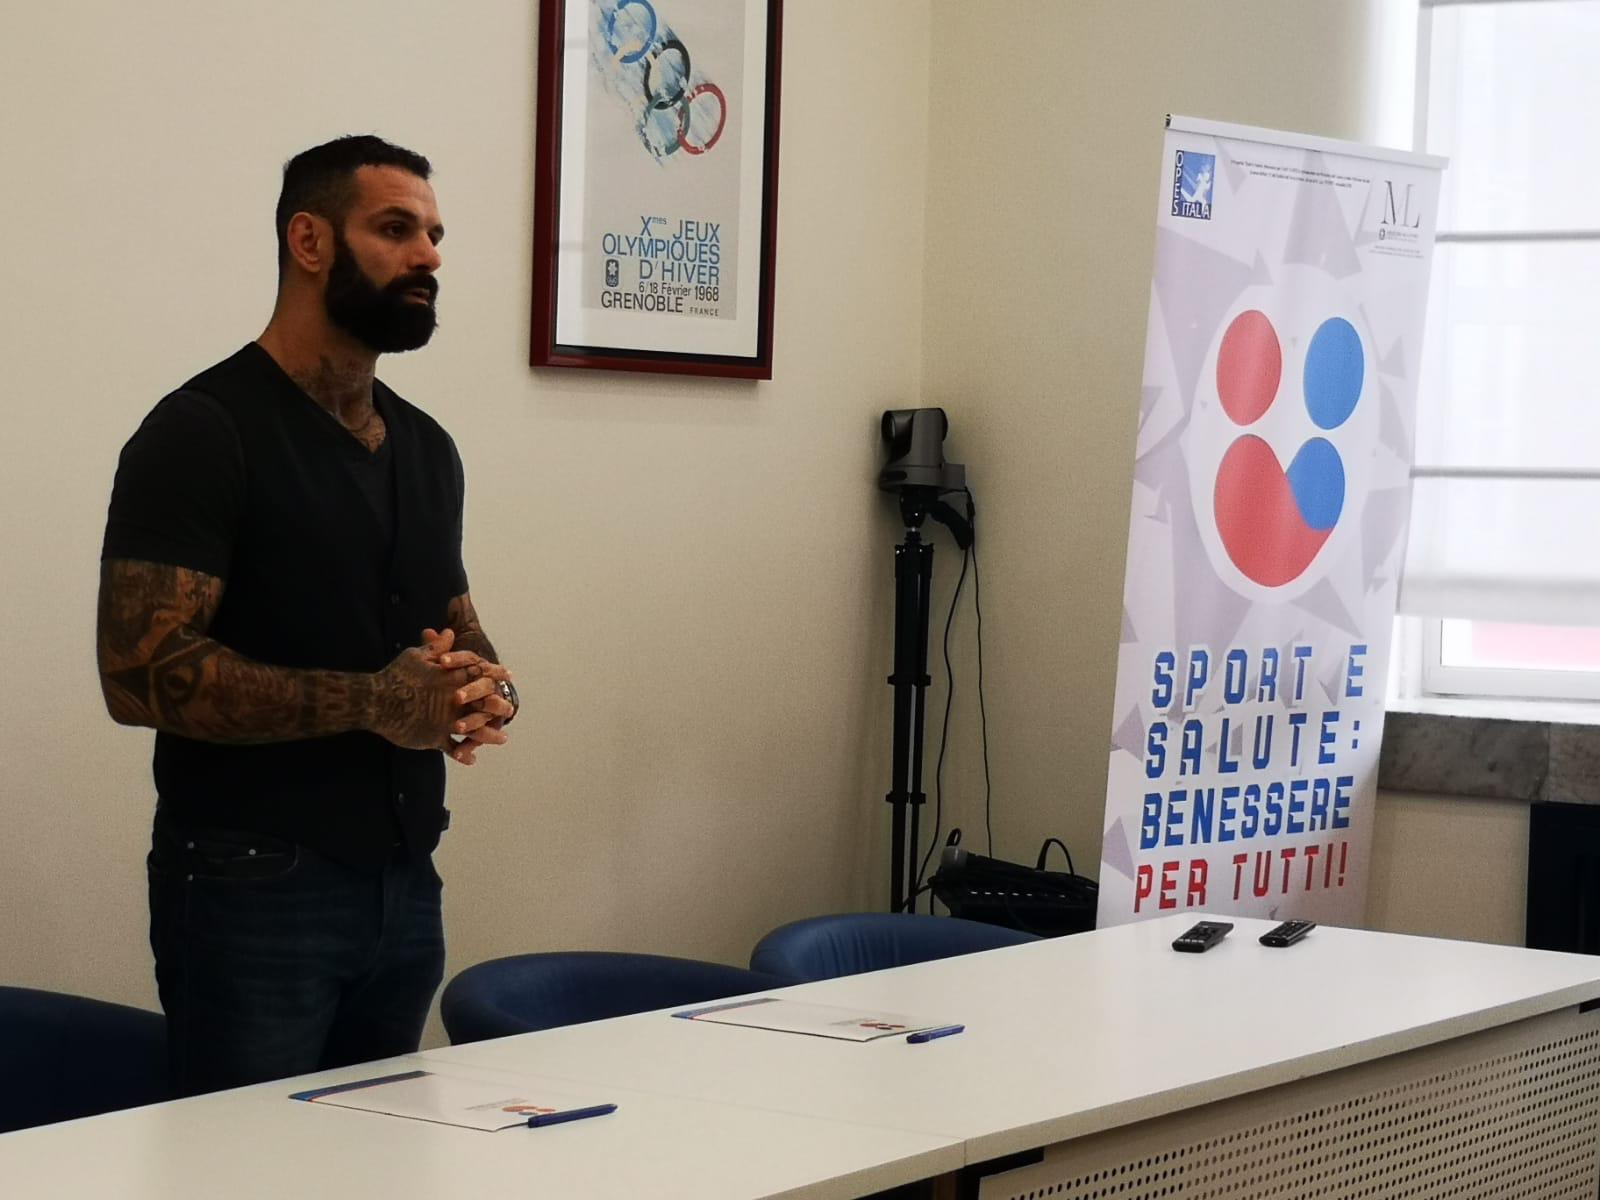 L'esperienza e la professionalità di Alessio Sakara al servizio dei tecnici e dei formatori